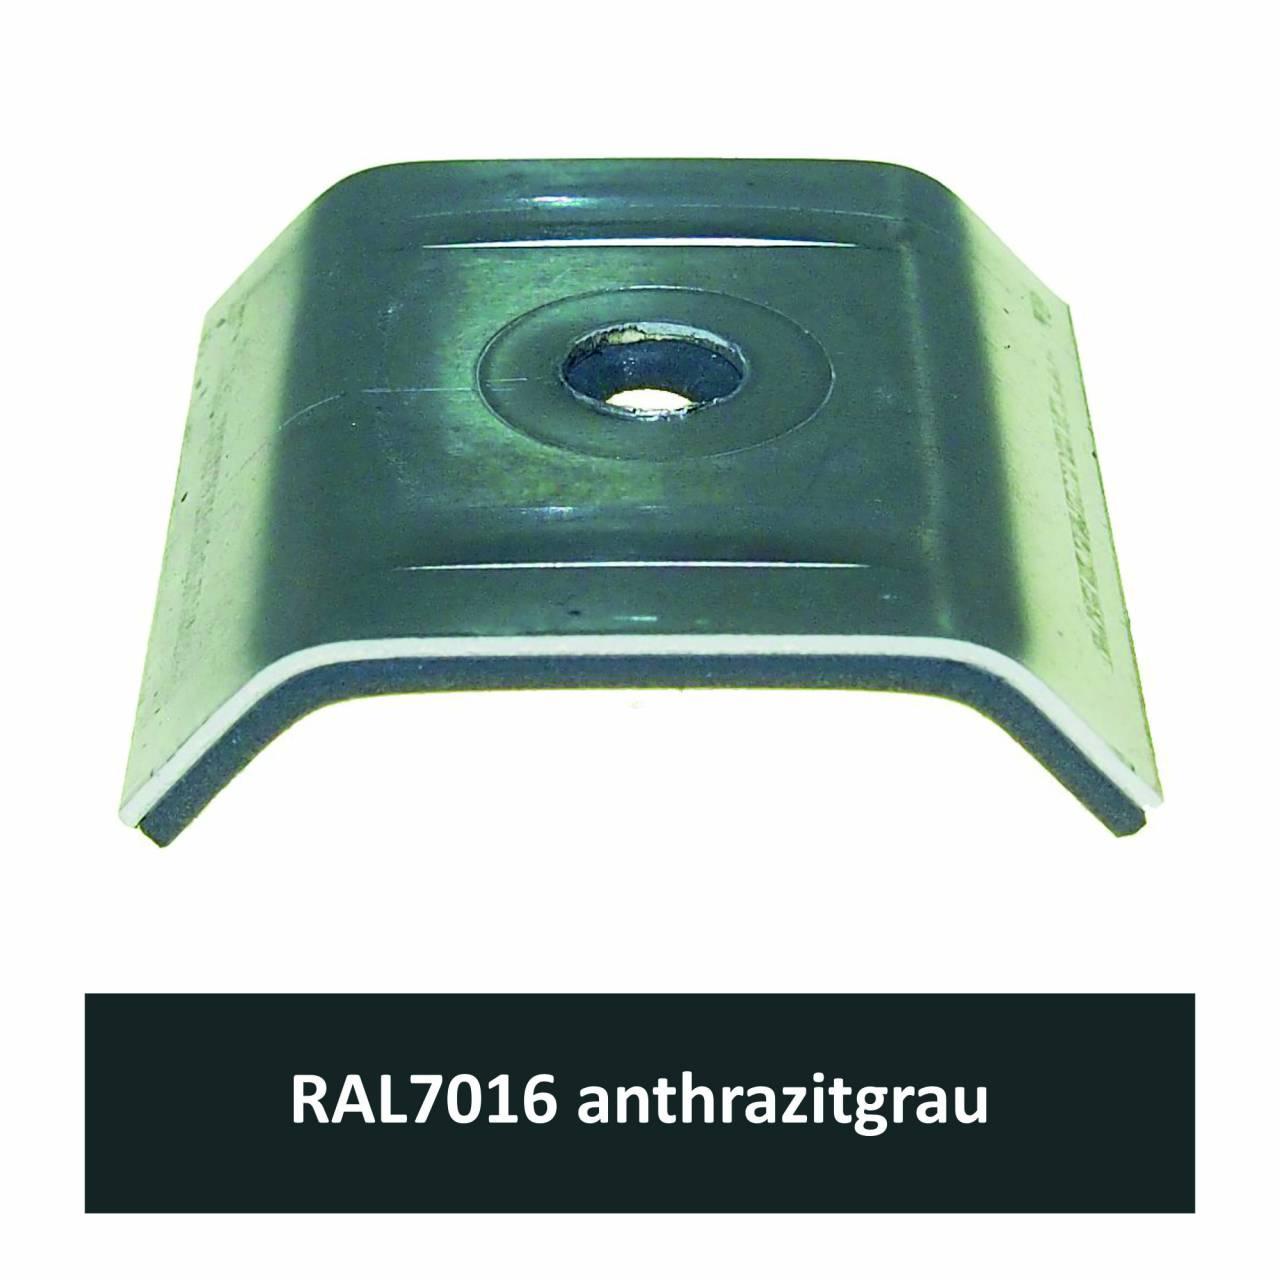 Kalotten für 39/333, Alu RAL7016 anthrazitgrau / Pck a 100 Stück